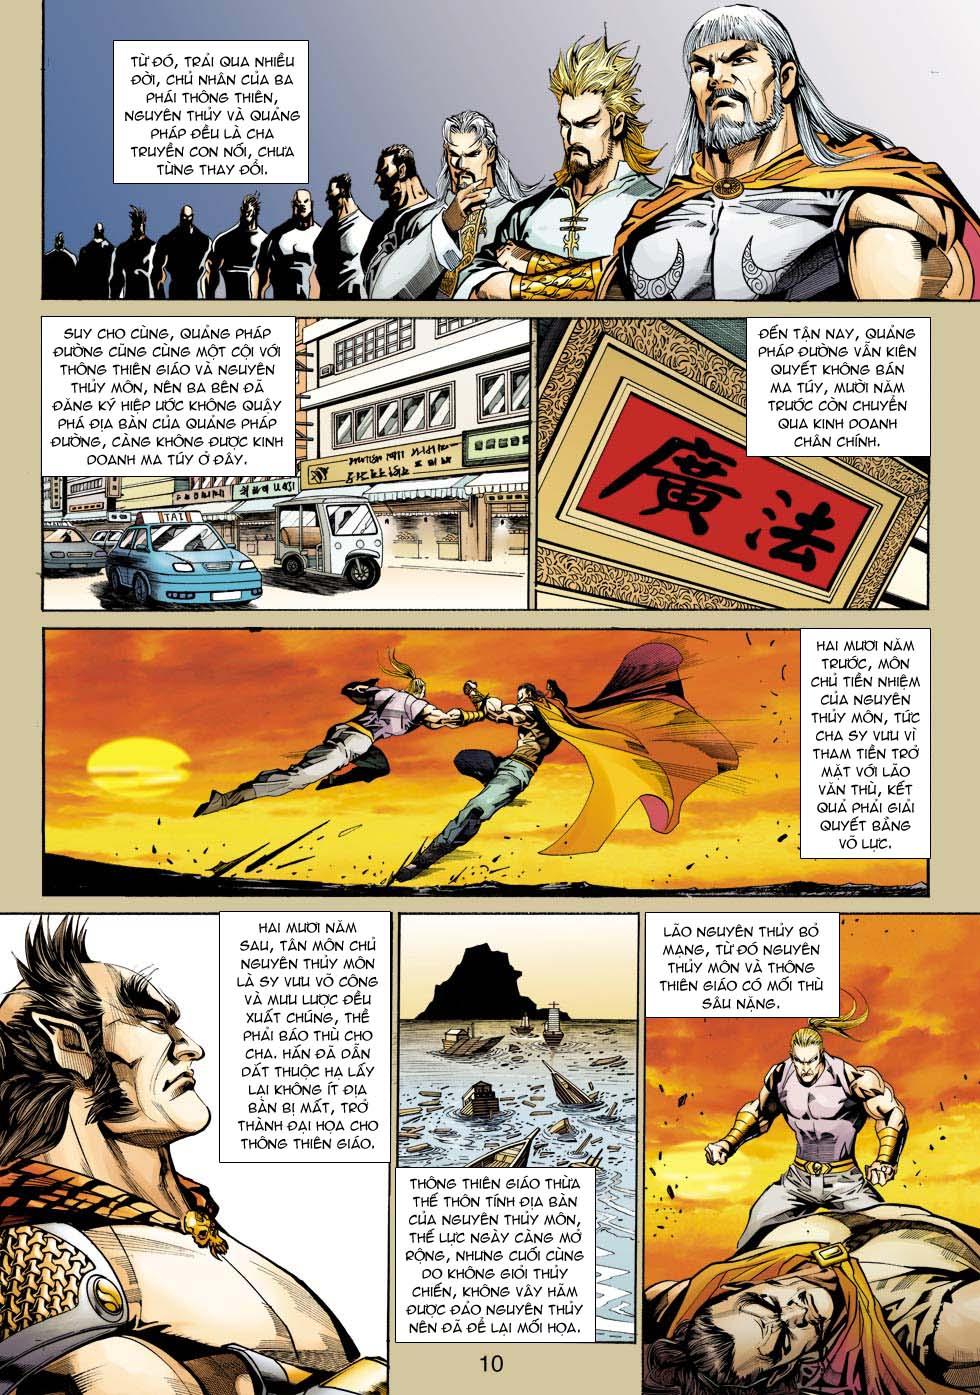 Tân Tác Long Hổ Môn chap 343 - Trang 10